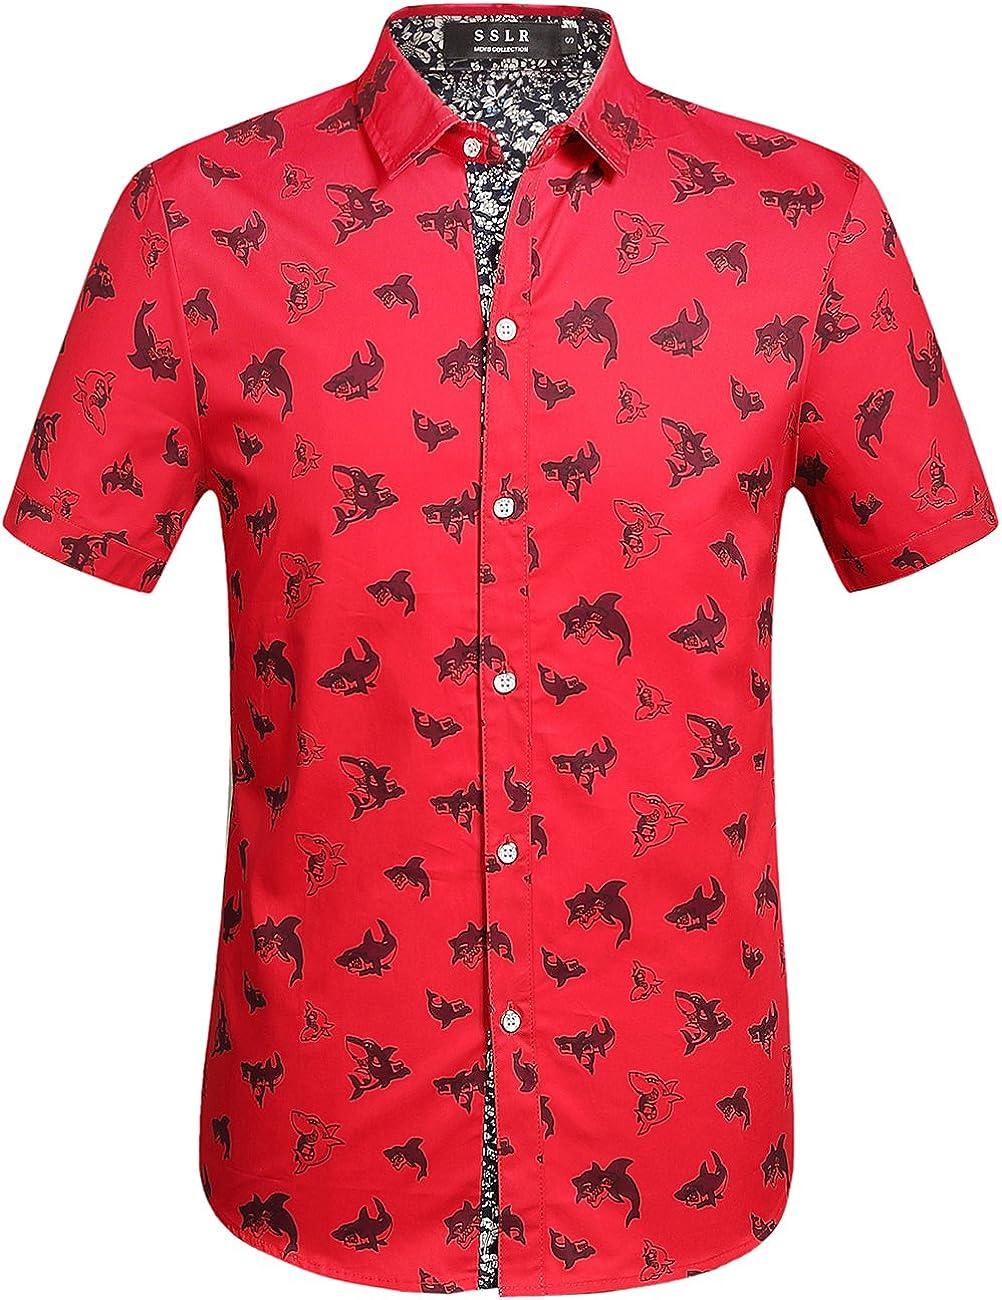 SSLR Men's Shark Printed Casual Button Down Short Sleeve Shirt